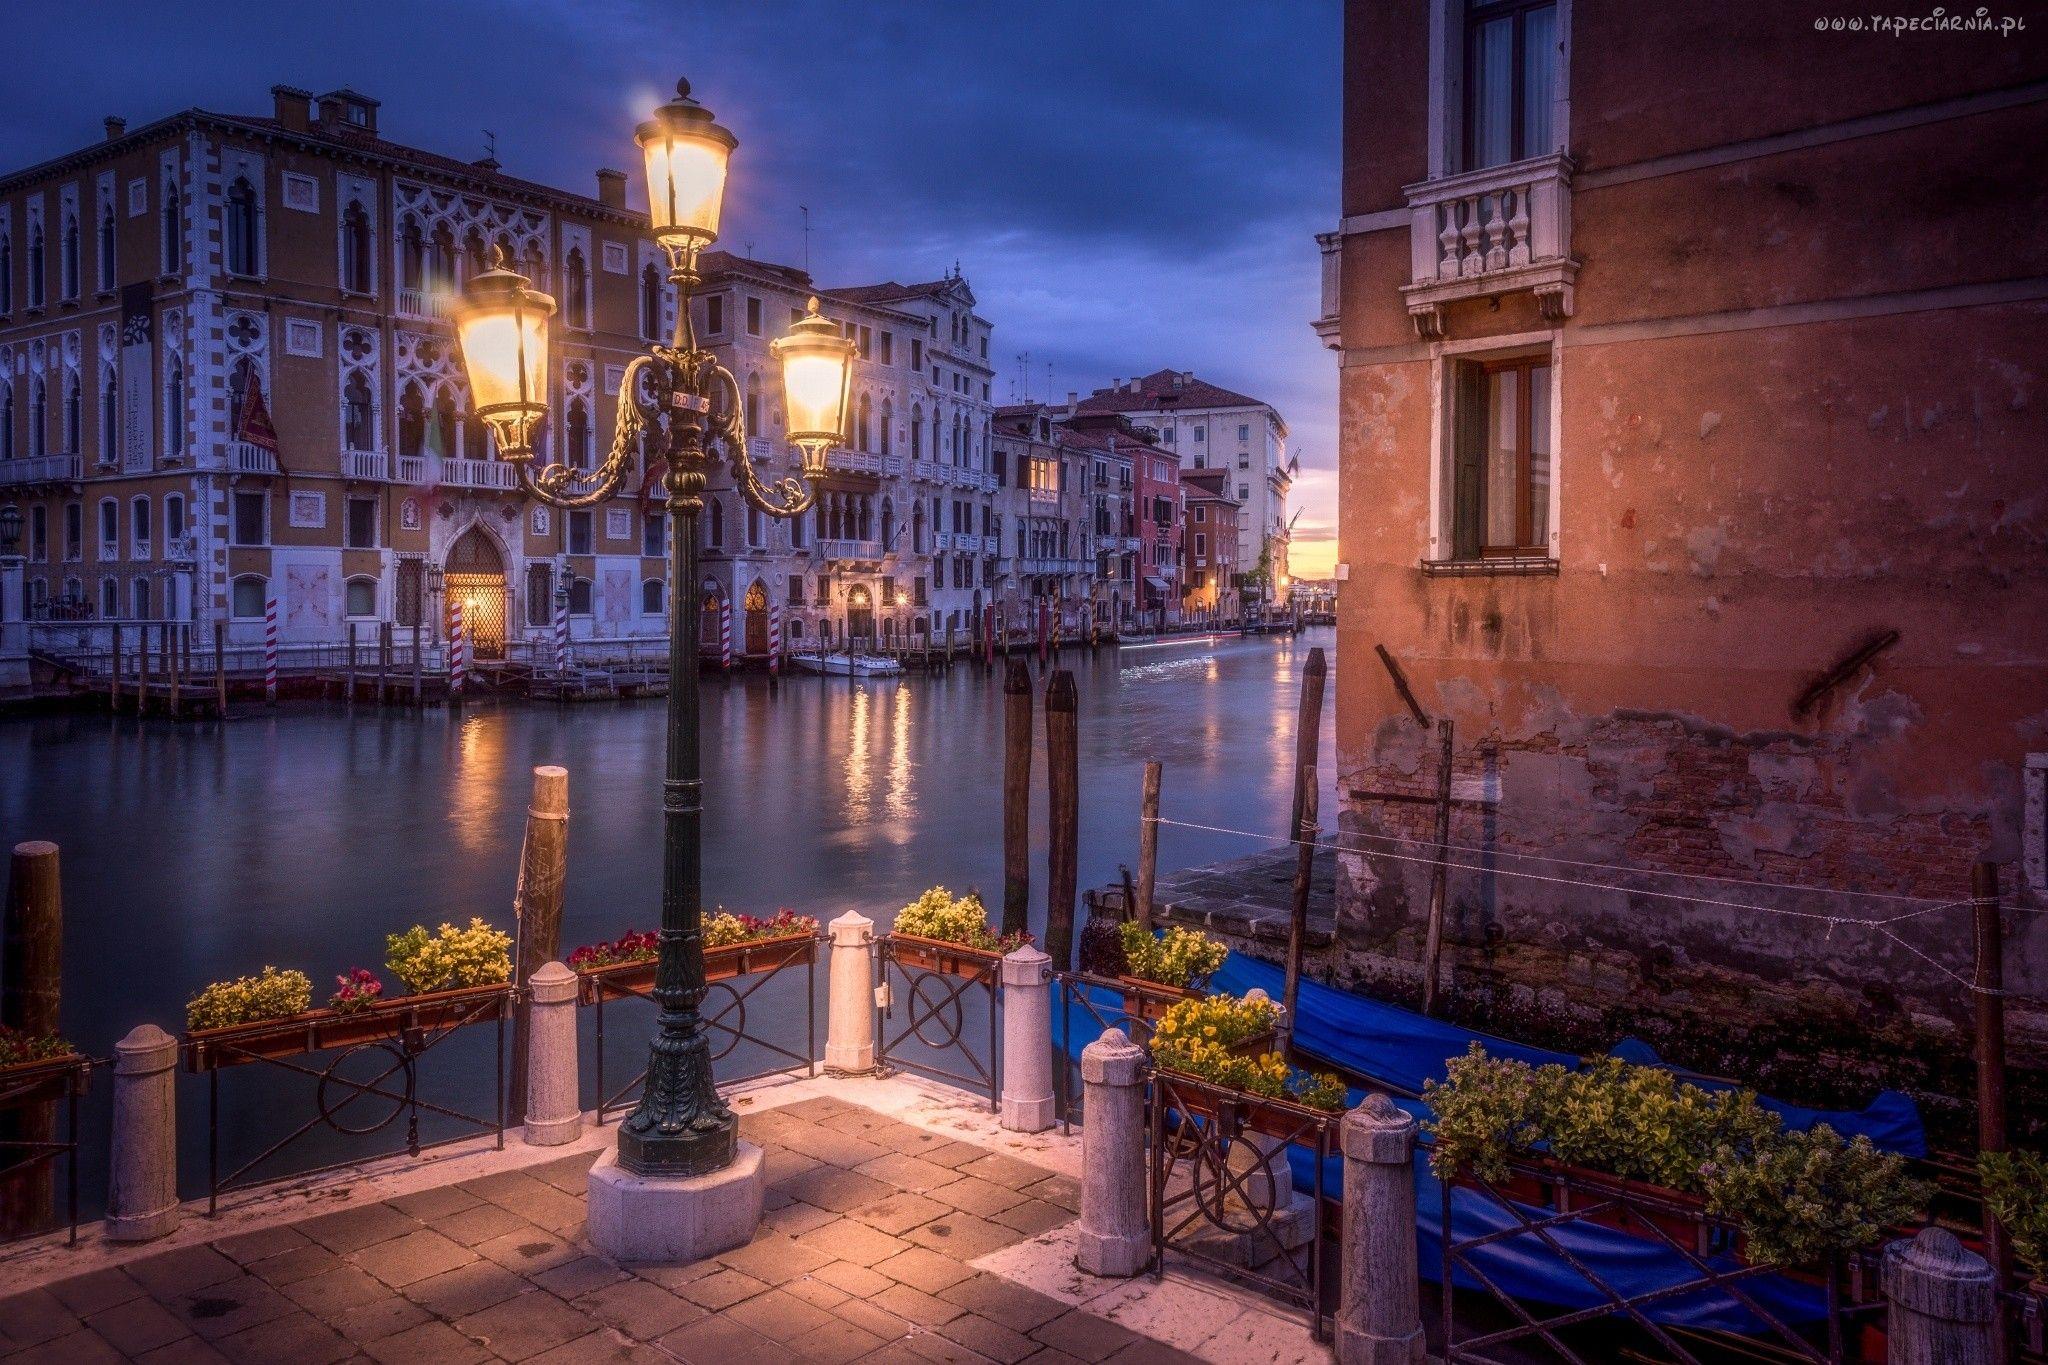 Wenecja, Włochy, Domy, Kanał, Miasto Nocą